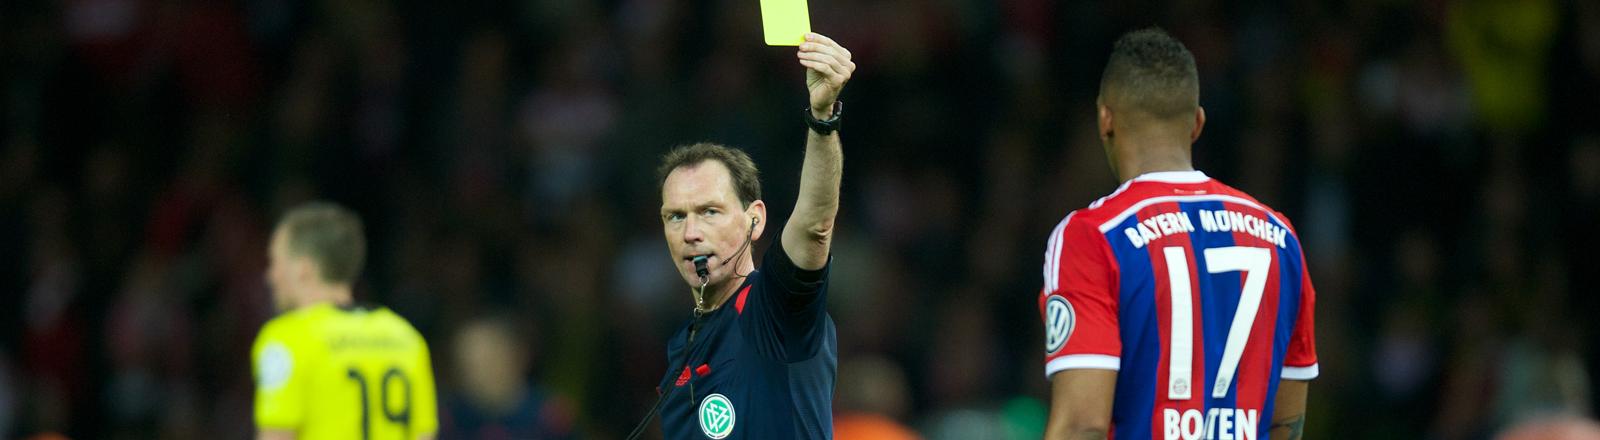 Schiedsrichter gibt gelbe Karte (Bild:dpa)